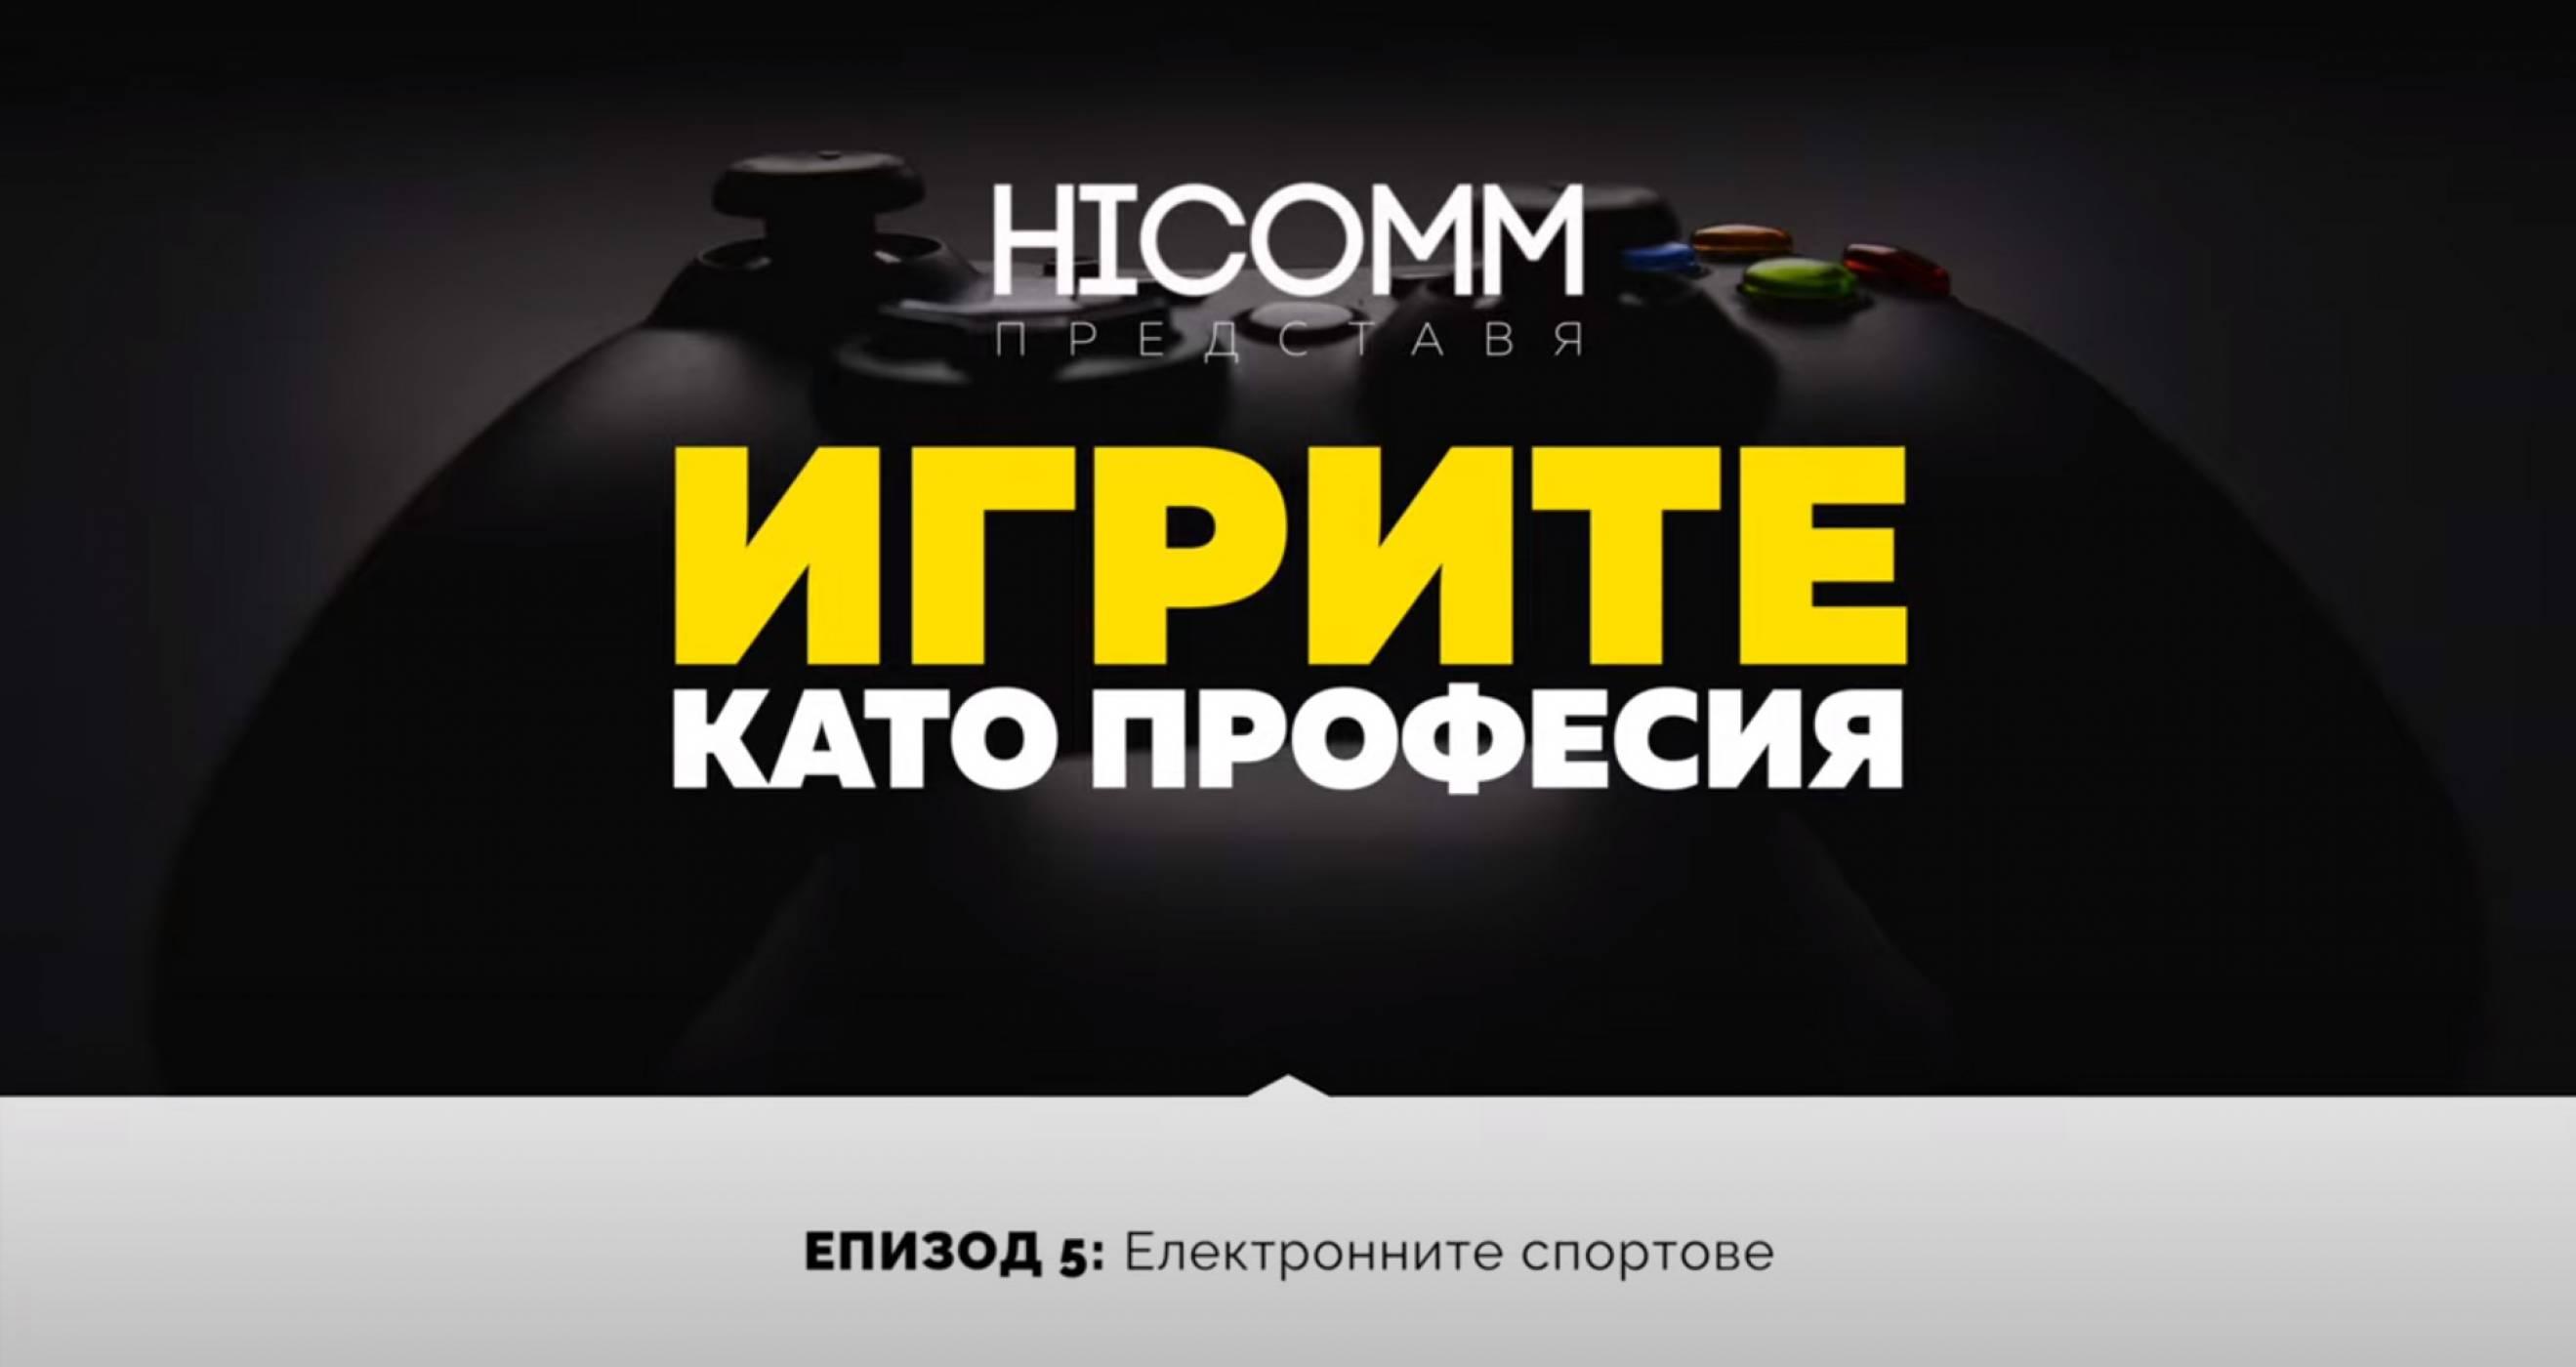 Игрите като професия, еп. 5: Как да печелим пари от електронни спортове в България?